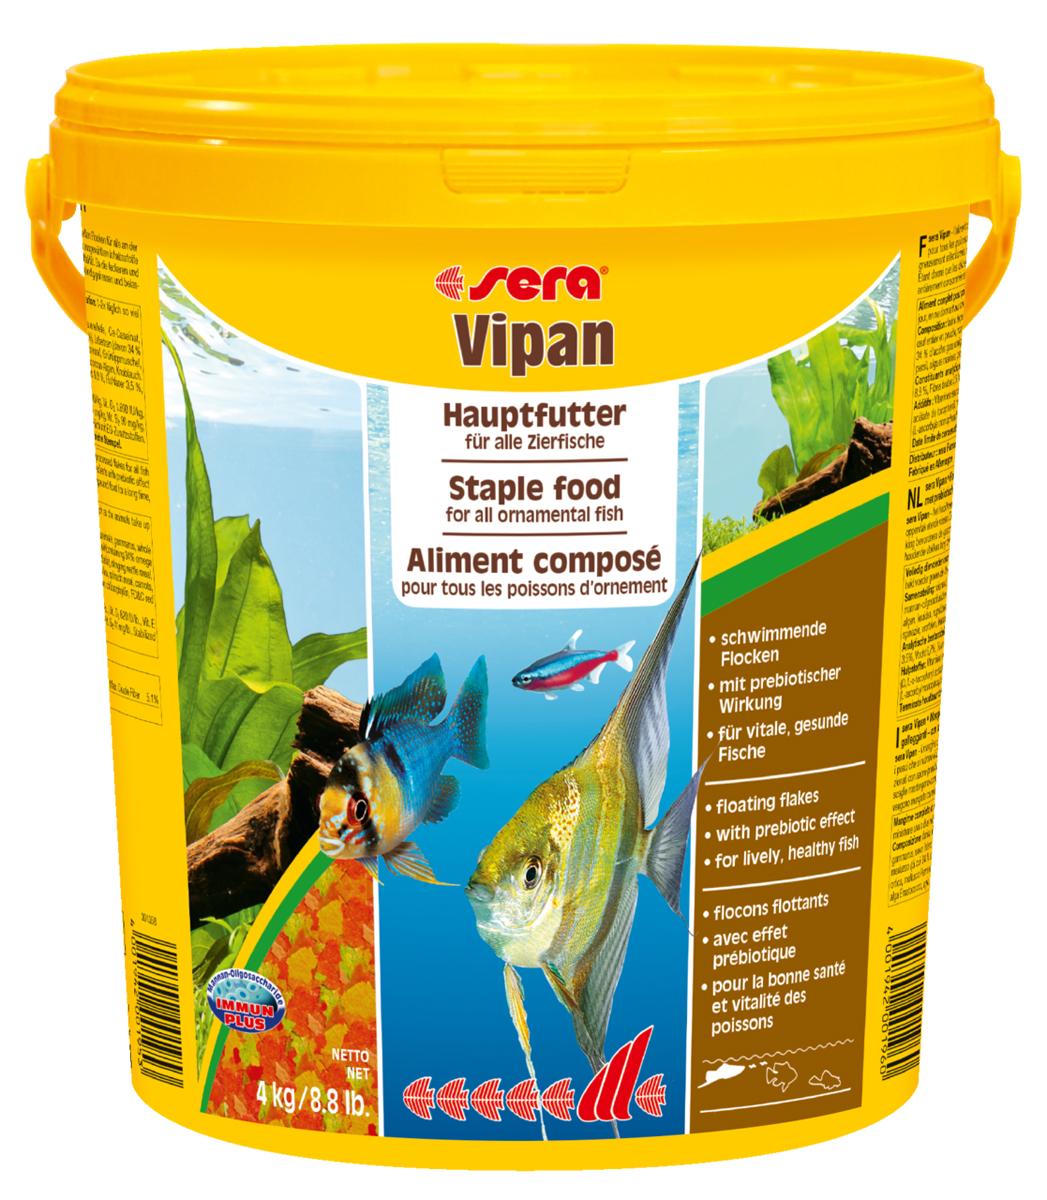 Корм для рыб Sera Vipan, в форме крупных хлопьев, 21 л (4 кг)0196Основной хлопьевидный корм для декоративных рыб в аквариумах со смешанным сообществом. Сбалансированный состав удовлетворяет потребности множества видов. Бережная обработка гарантирует сохранение ценных ингредиентов (например, жирных кислот Омега, витаминов и минералов). Метод его приготовления, применяемый фирмой sera, позволяет хлопьям сохранять свою форму в течение длительного времени, не загрязняя воду. Благодаря уникальной очень высокой степени измельчения, хлопья в тоже время очень нежны и поэтому охотно поедаются рыбой. Ингредиенты: рыбная мука, пшеничная мука, пивные дрожжи, казеинат кальция, гаммарус, яичный порошок, рыбий жир, маннан-олигосахарид (MOS 0,4%), спирулина, травы, люцерна, крапива, мука мука из зеленых губчатых молюсков, водоросли, зелень петрушки, перец, шпинат, чеснок, морковь. красители, разрешенные в ЕС. Кач. состав на кг: протеины 46,2%, жиры: 8,9%, клетчатка: 2,3%, зола: 11,9%, влажность: 6,7%, Вит А: 37000МЕ, Вит В1: 35мг, Вит В2: 90мг, Вит С: 550мг, Вит...